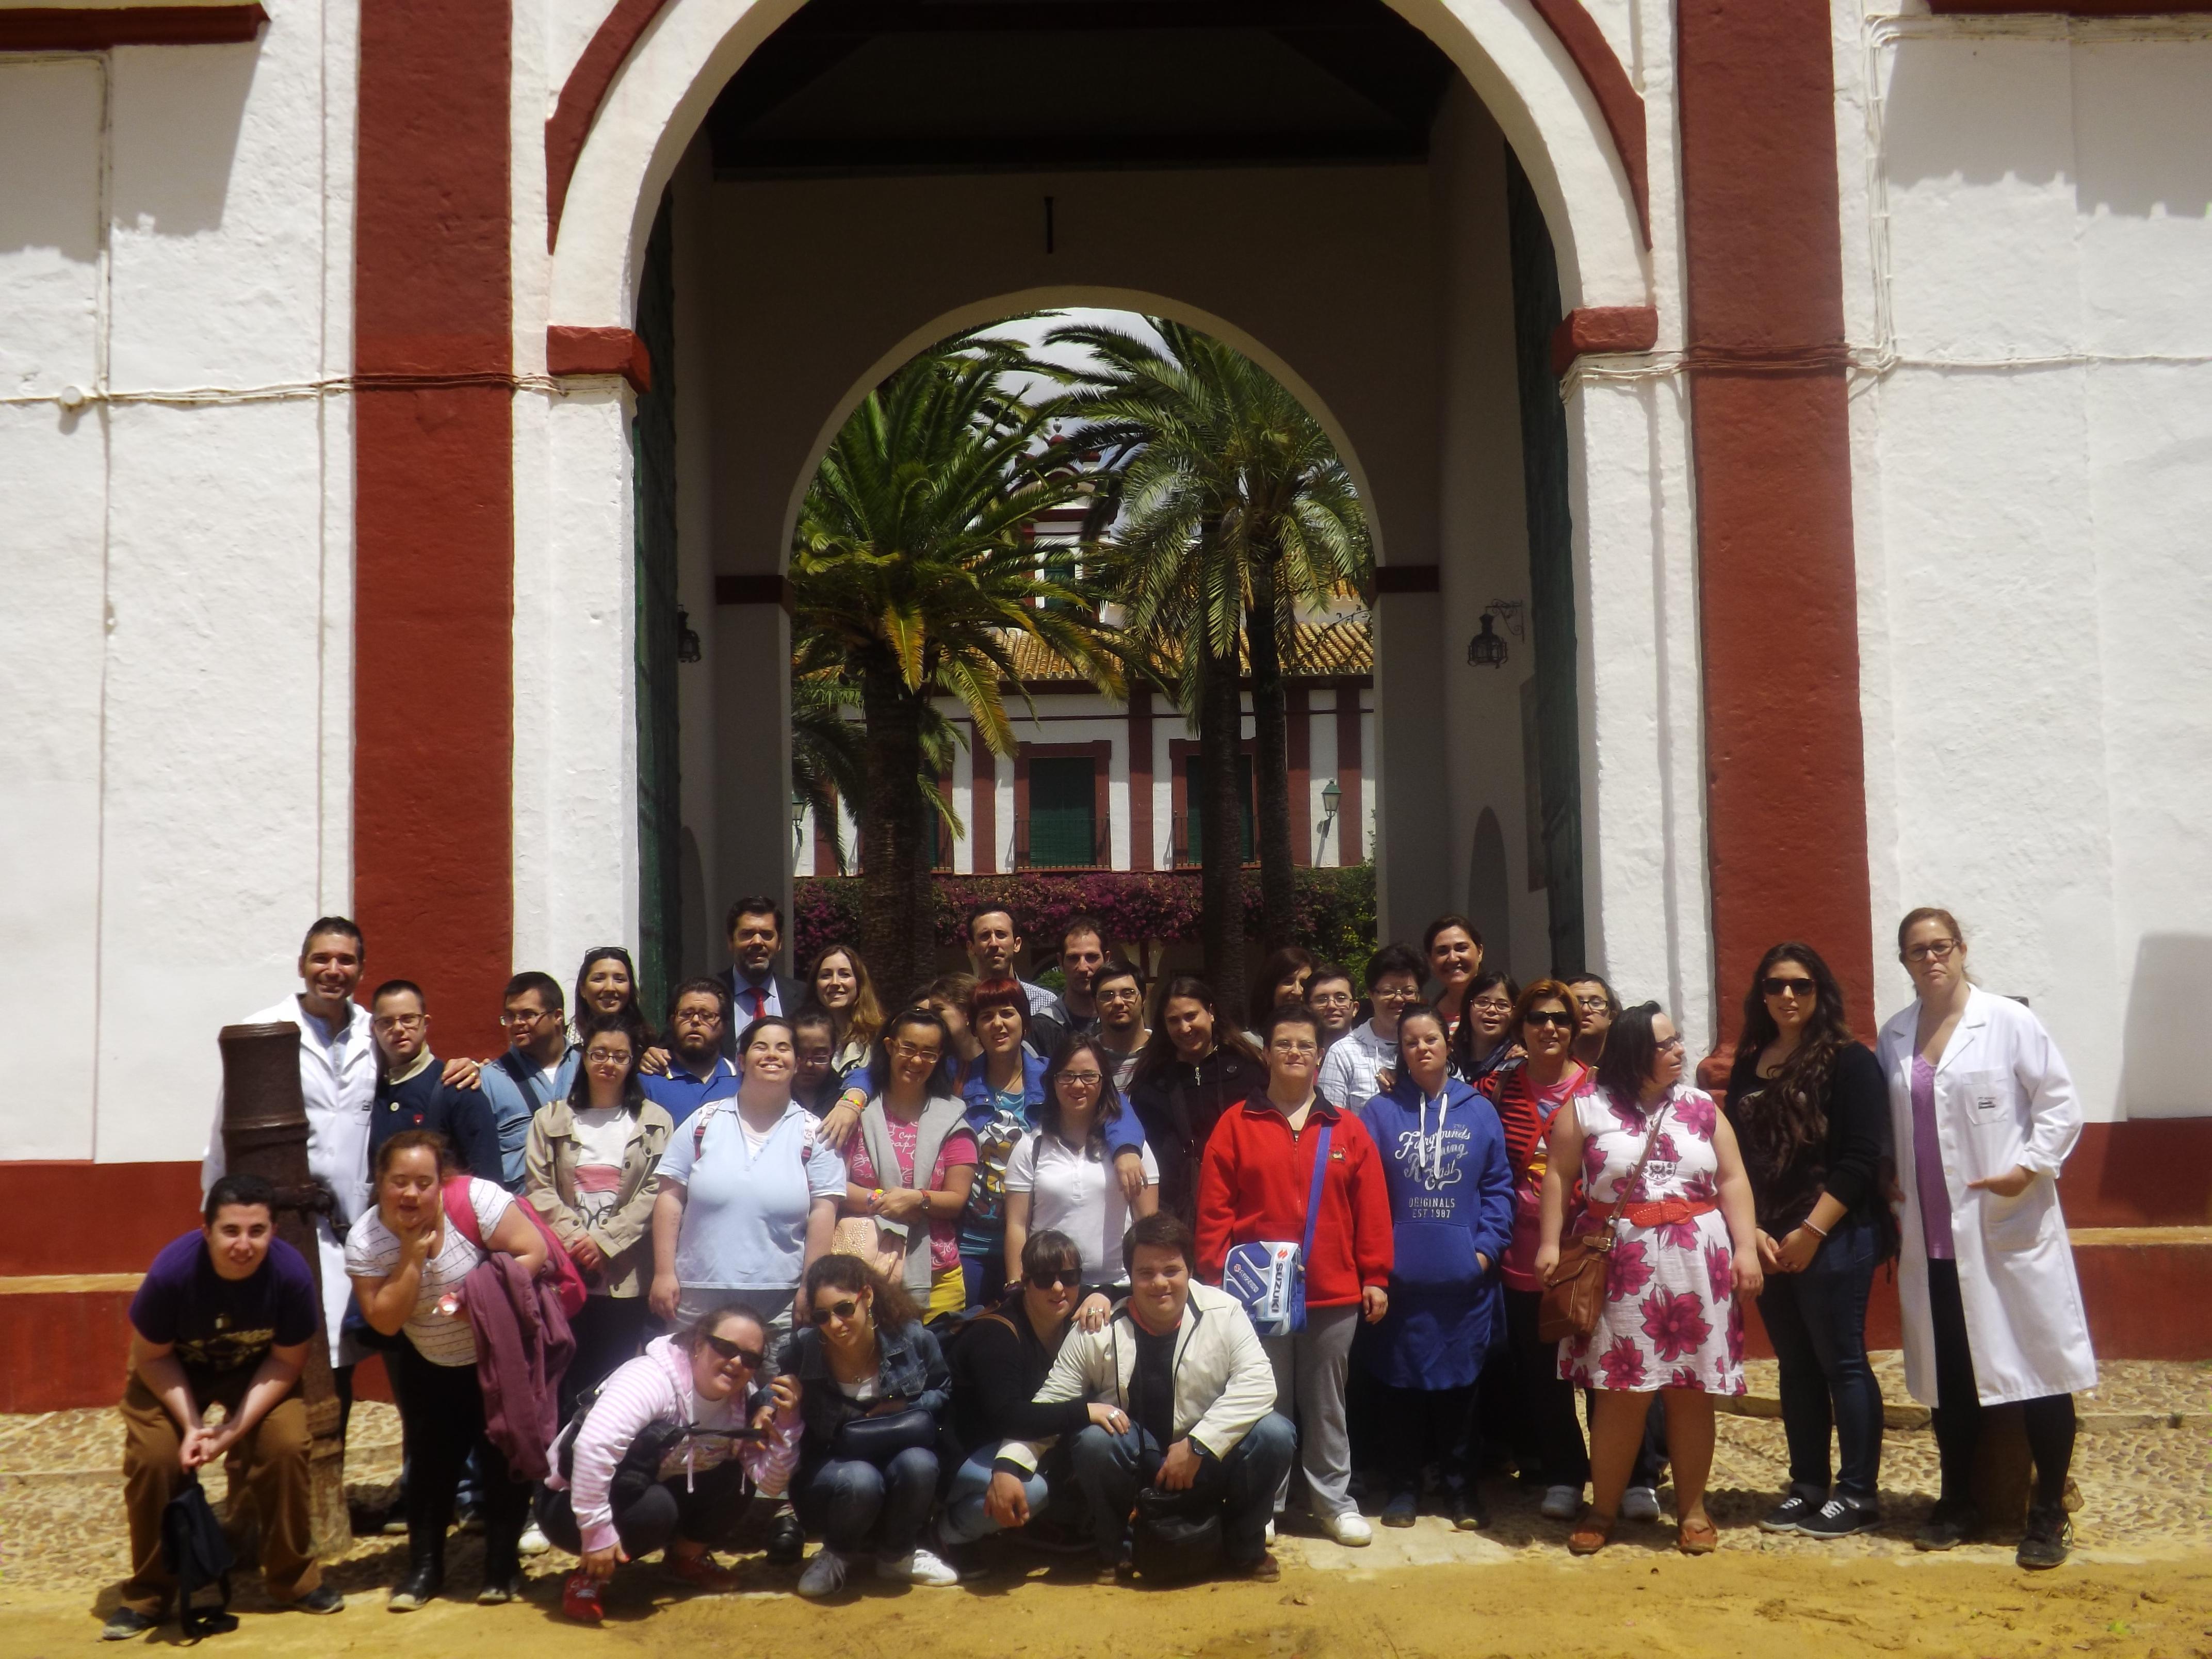 El grupo de Asedown ante la puerta de la Hacienda Guzmán. Foto: Alba Poveda